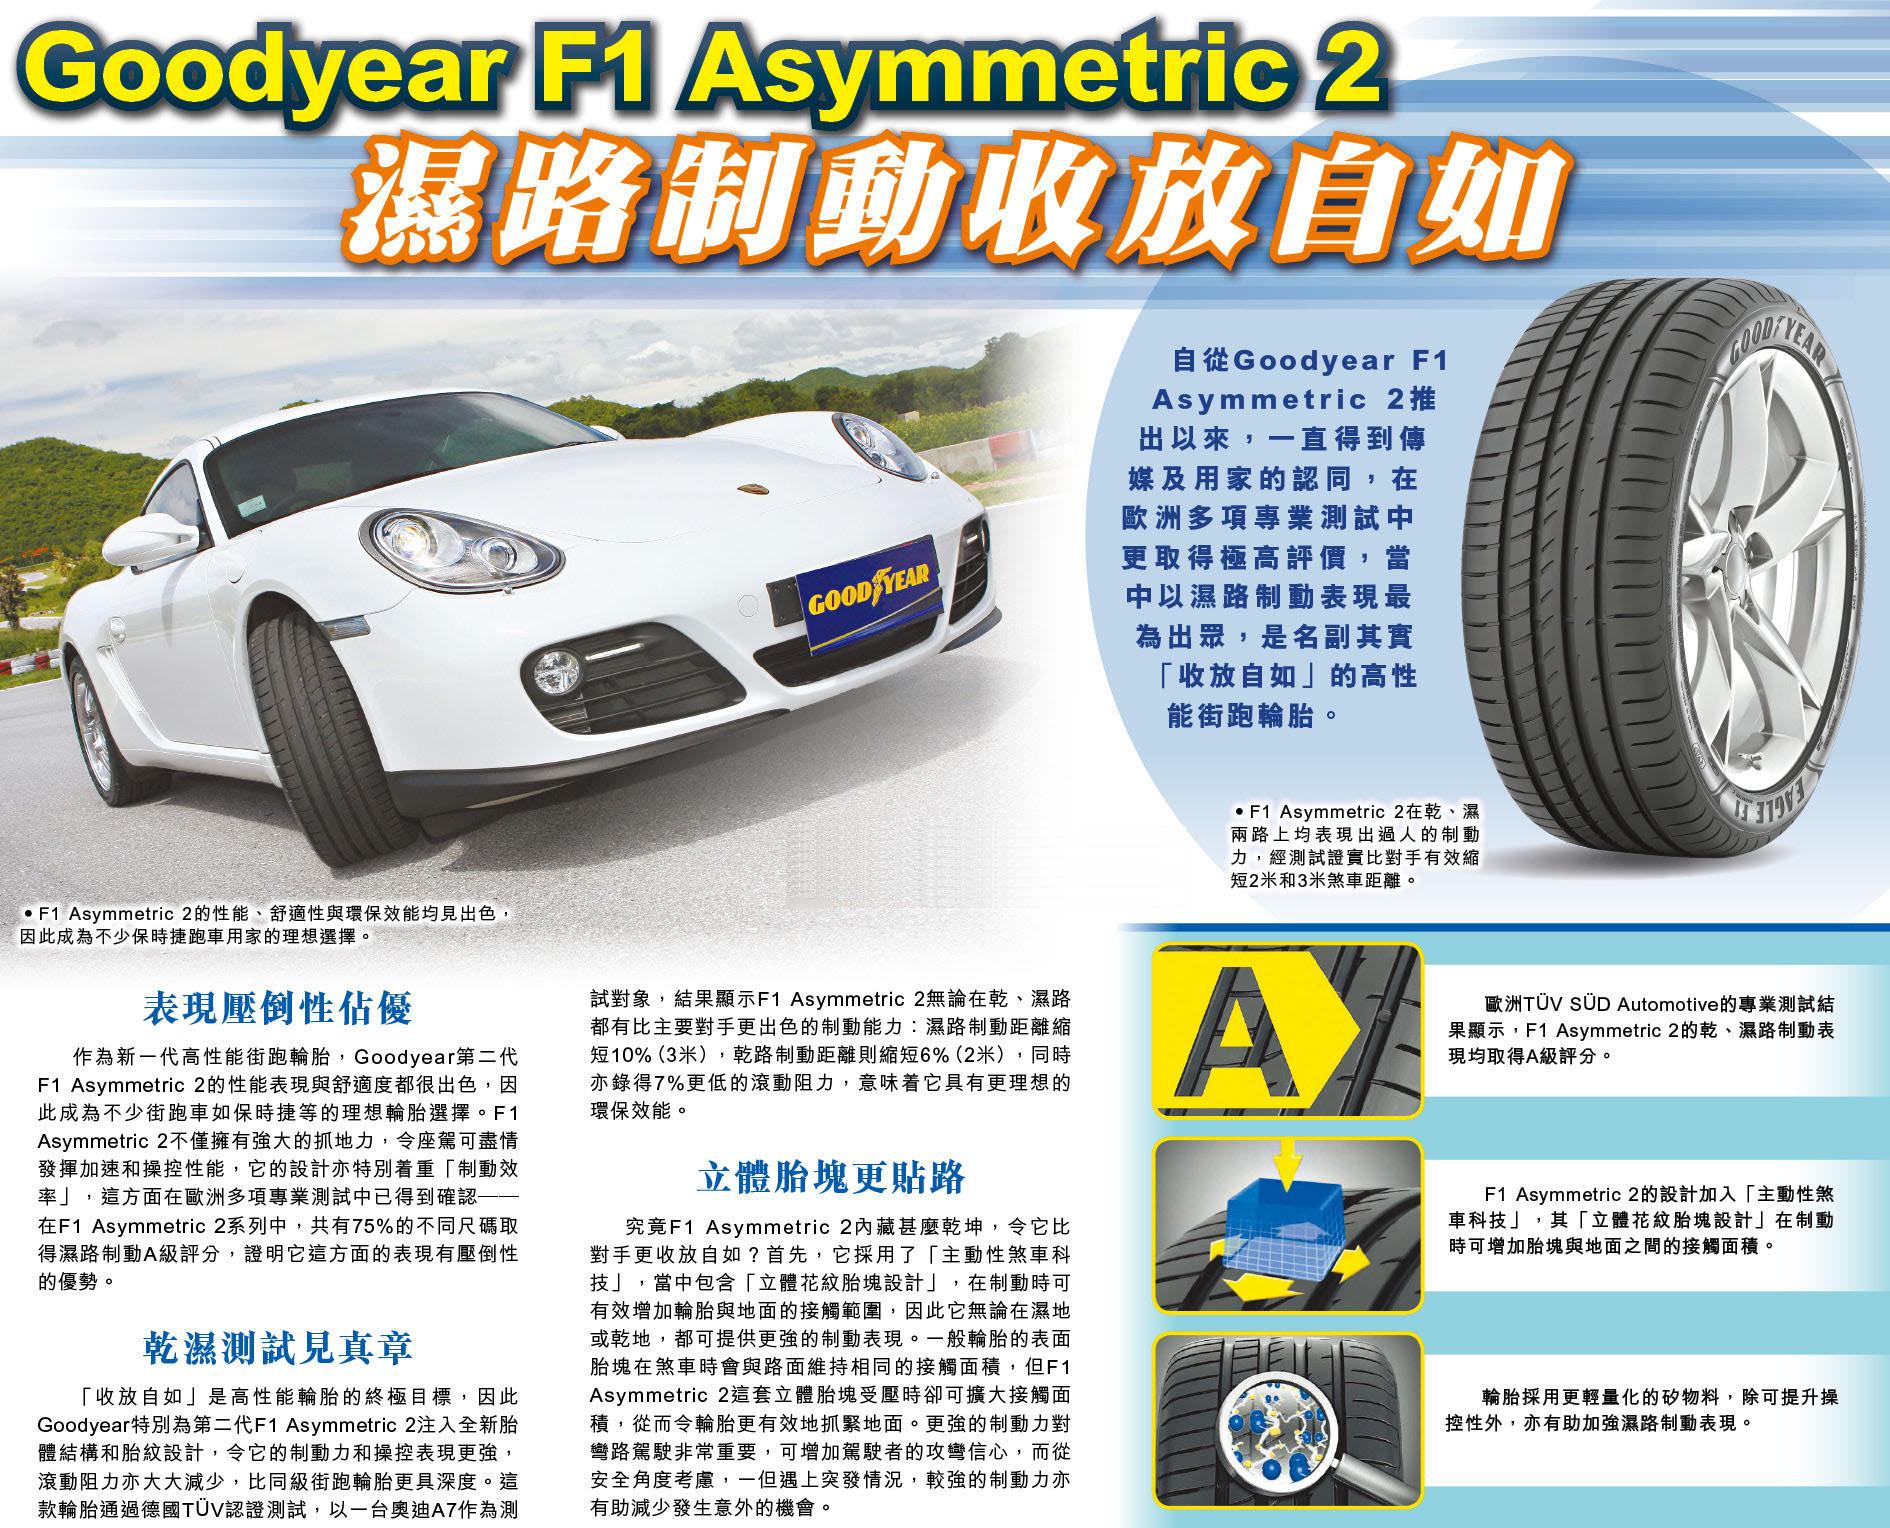 蘋果日報 2013年06月20日 - Goodyear F1 Asymmetric 2 濕路制動收放自如